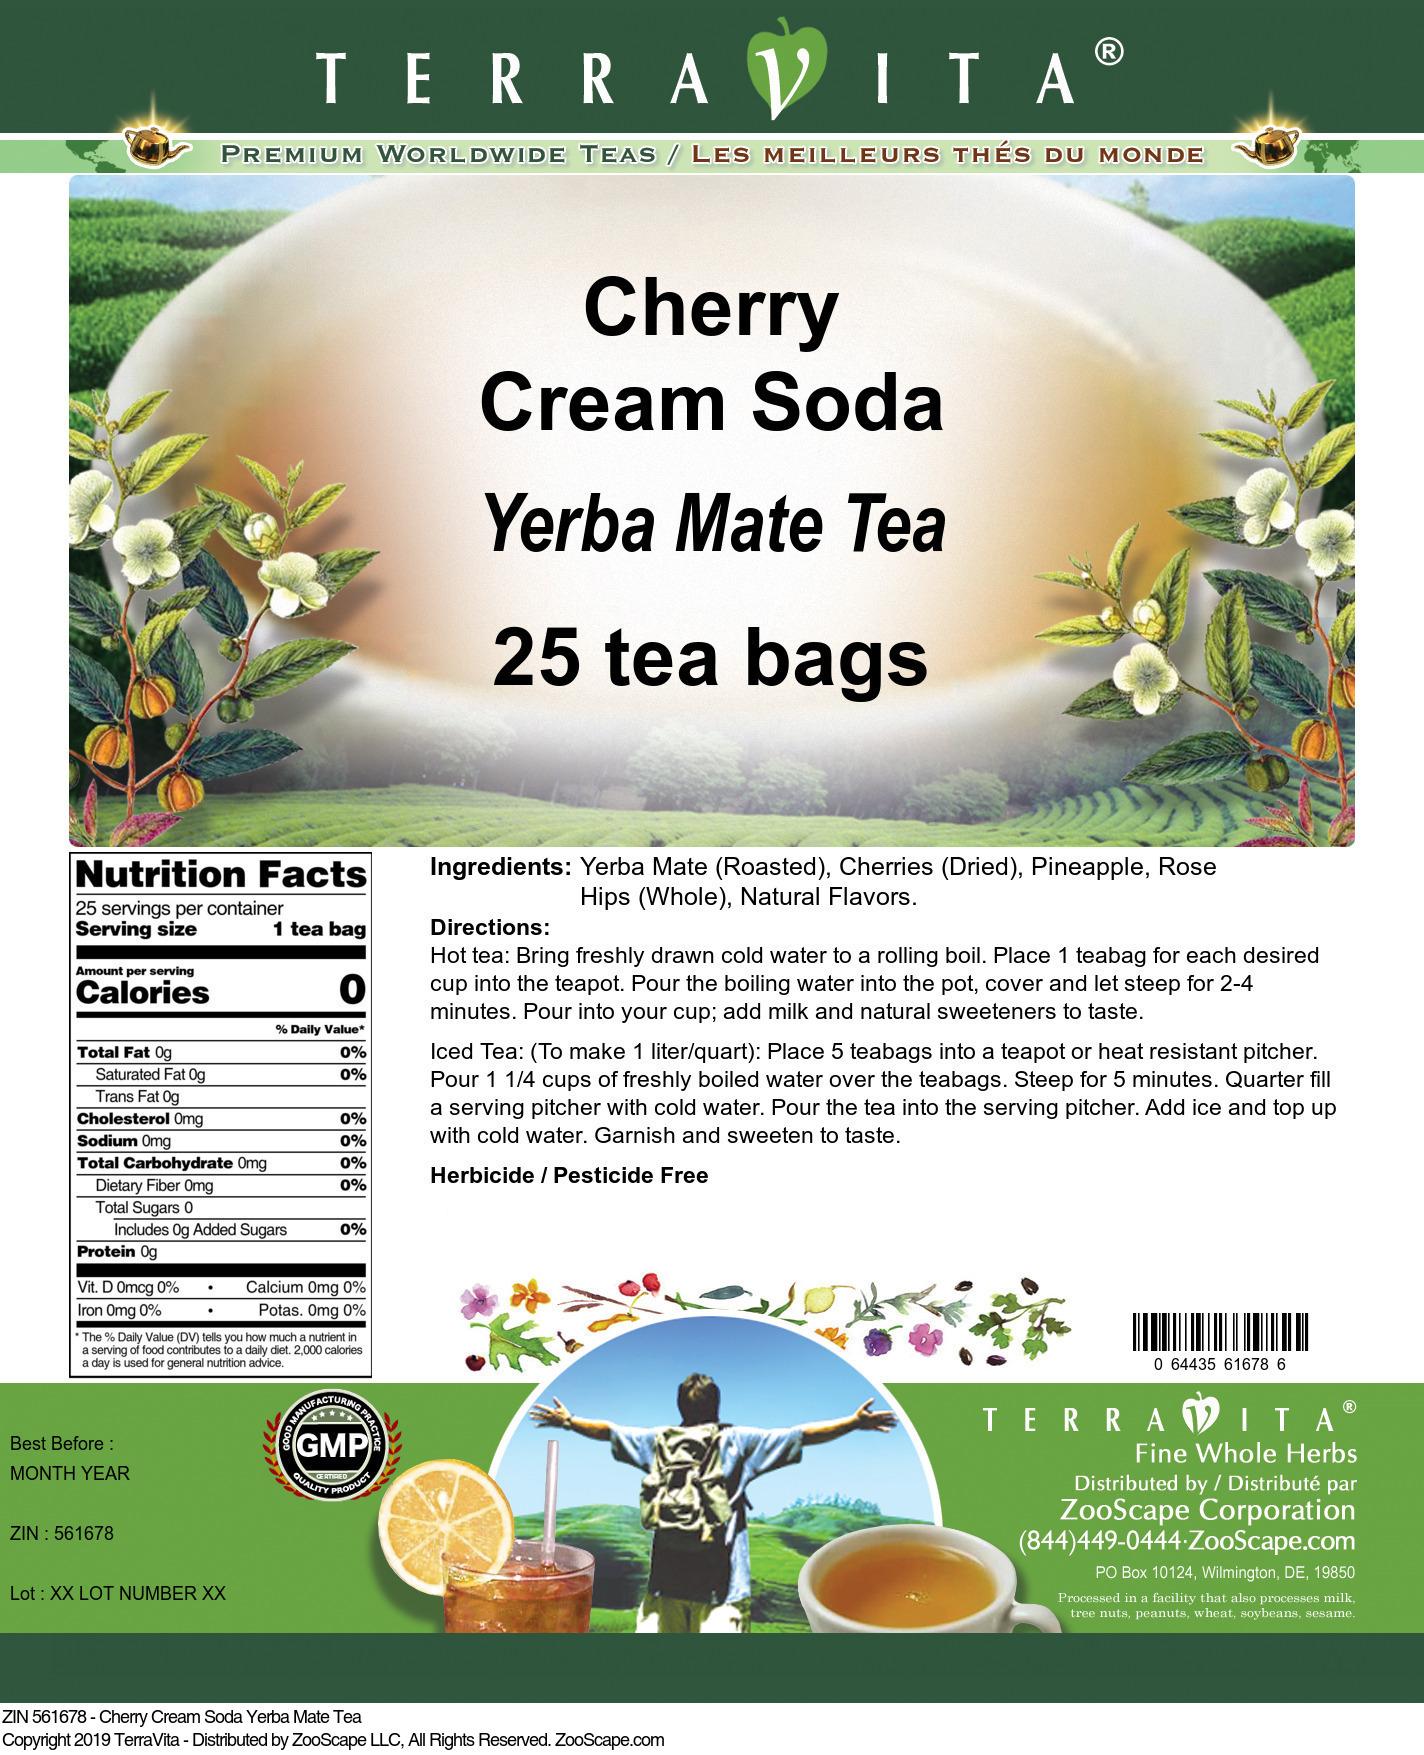 Cherry Cream Soda Yerba Mate